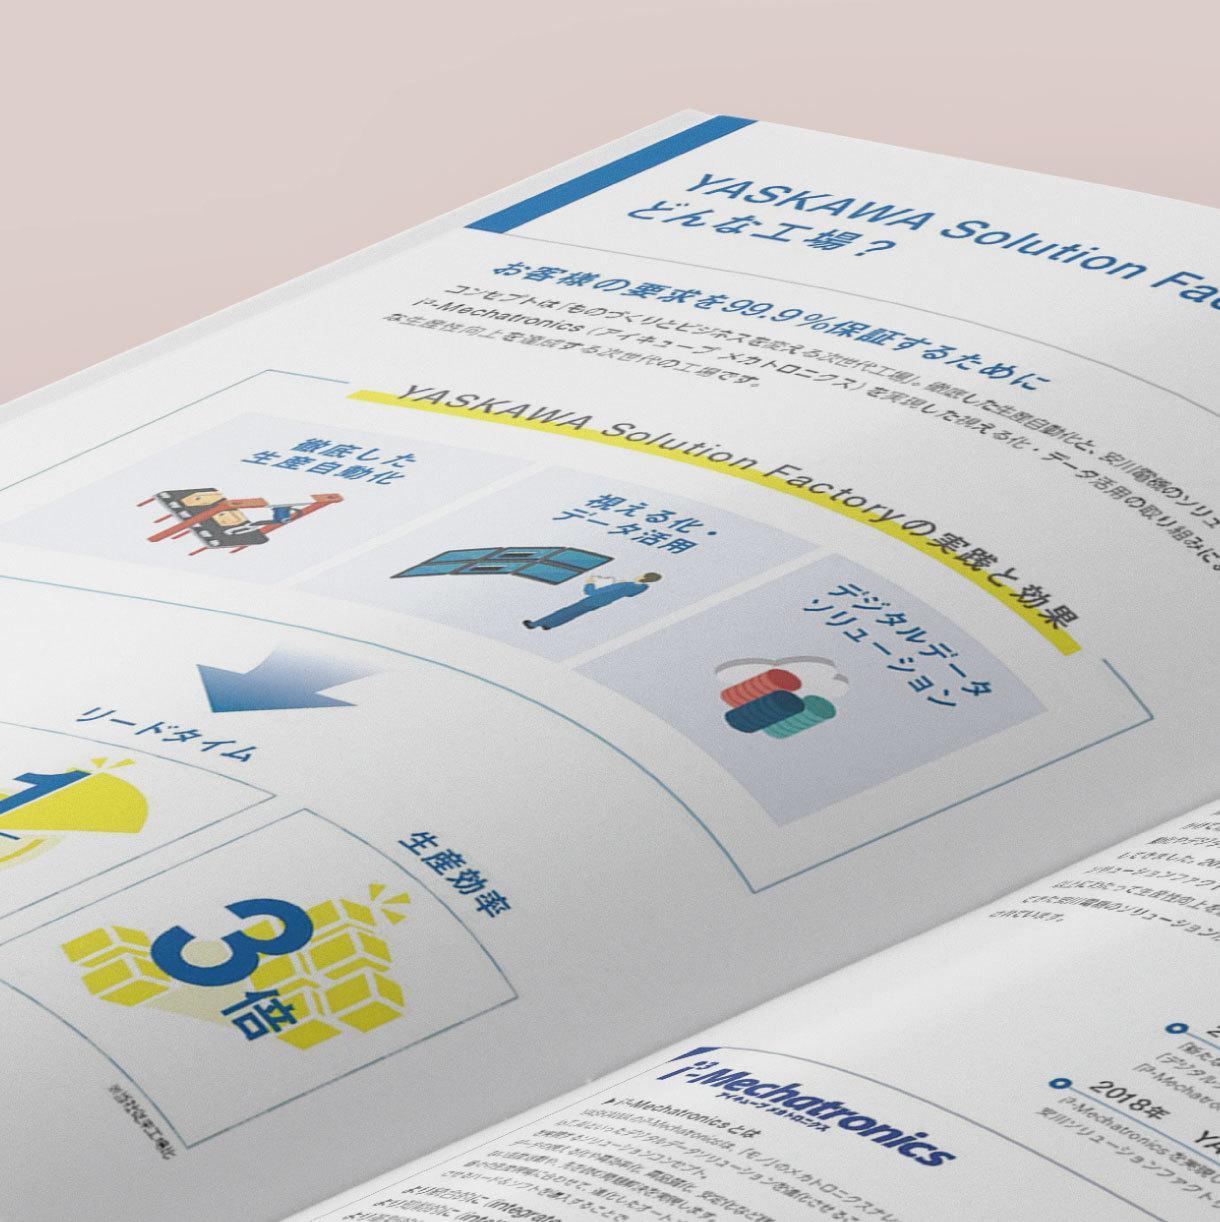 高品質な製品パンフレットを作成します 自社製品やサービスを分かりやすく紹介したい方へ